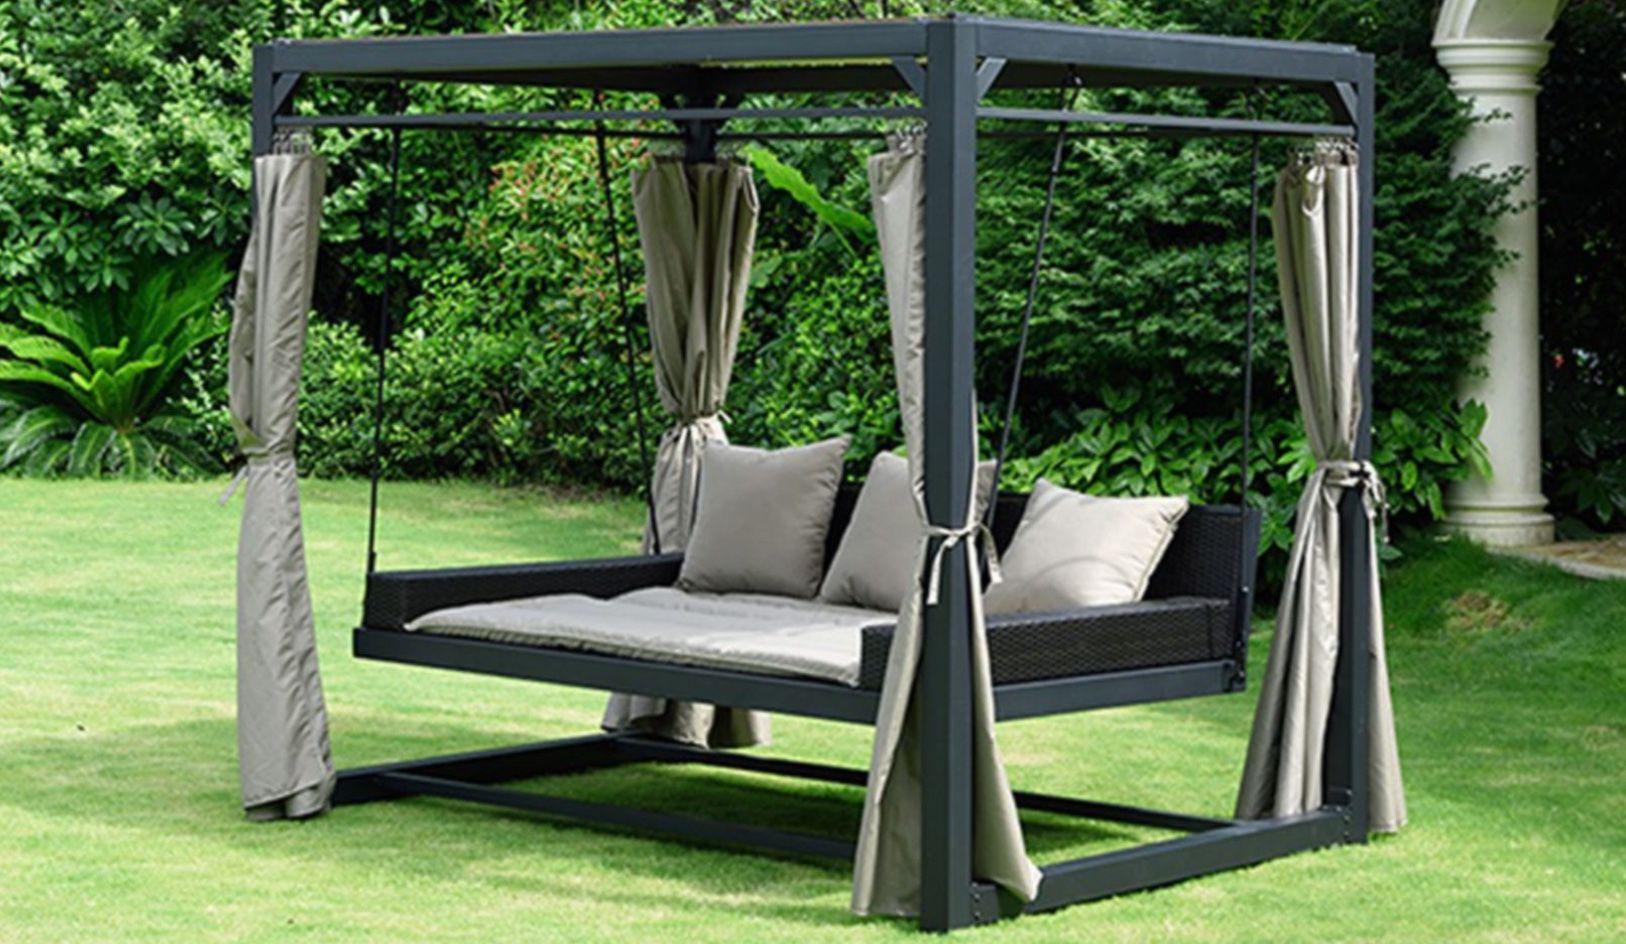 Home Deluxe Pavillon Provence mit Bett in Rattan Optik für 779,99€ (statt 999€)